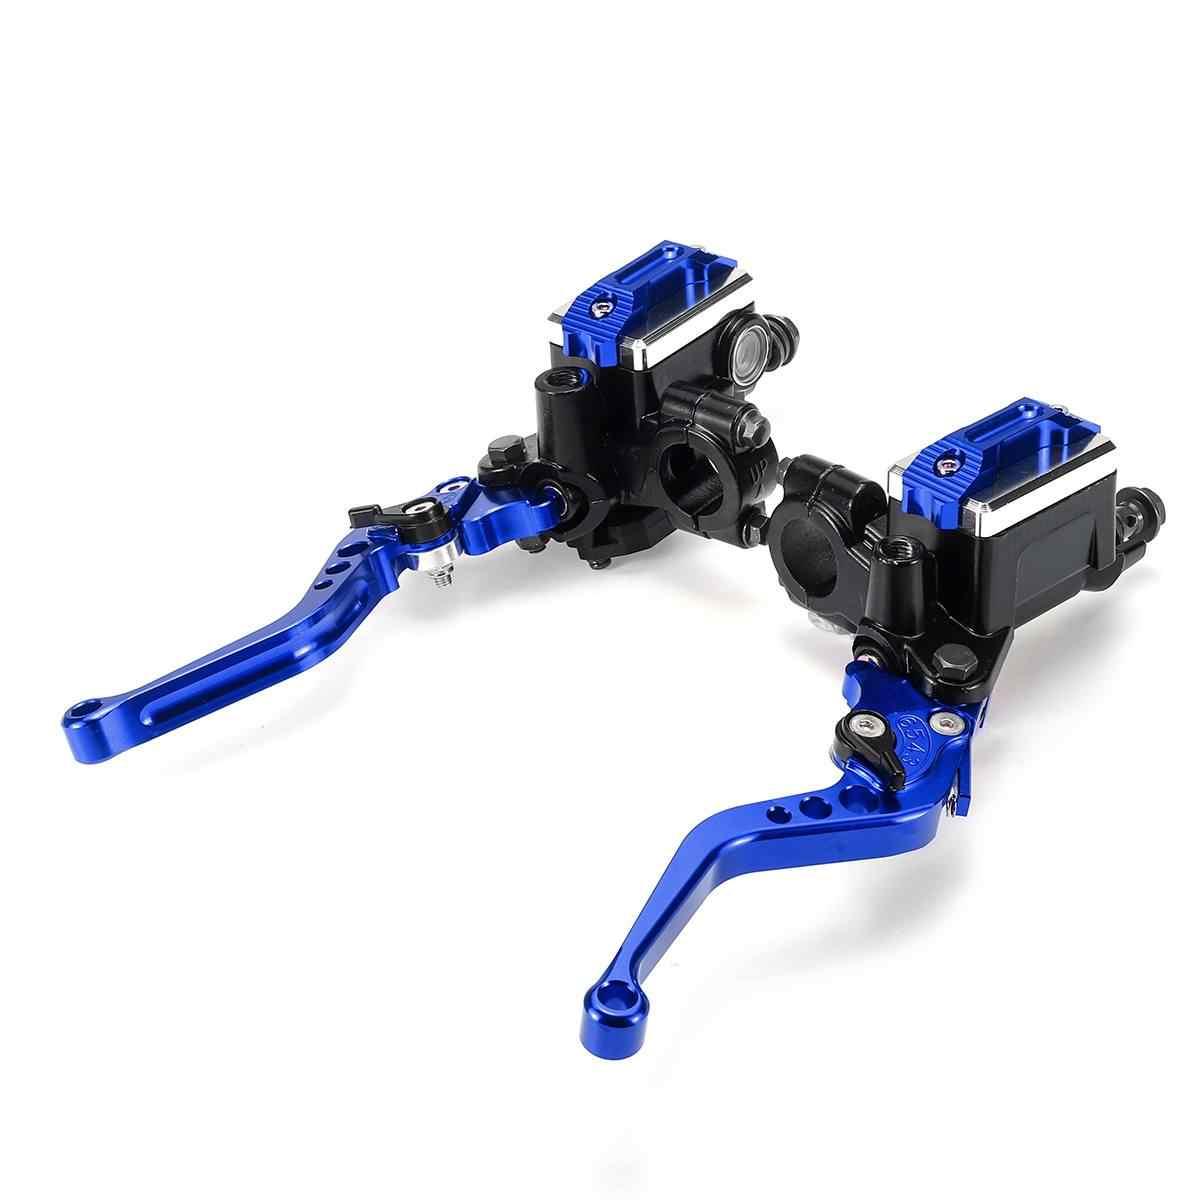 22cm 7/8 moto maître-cylindre leviers hydraulique frein pompe embrayage poignées guidon levier réservoir ensemble pour HONDA Yamah